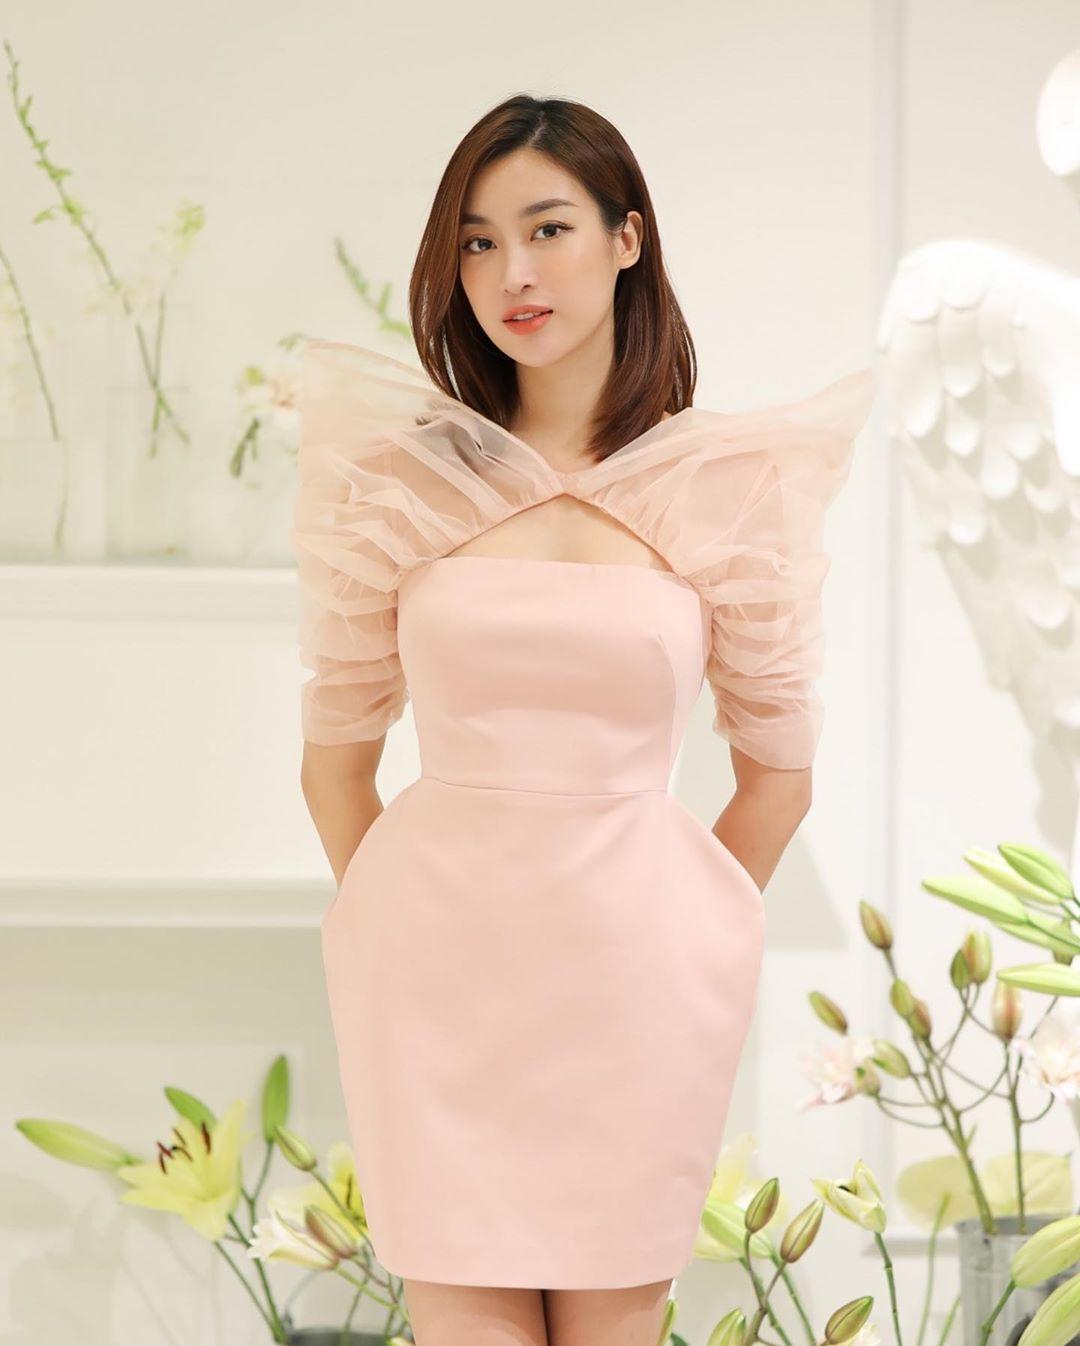 Diện váy đơn sắc: Phương Khánh hóa quý cô đài các - Tiểu Vy xinh đẹp hết phần thiên hạ Ảnh 13